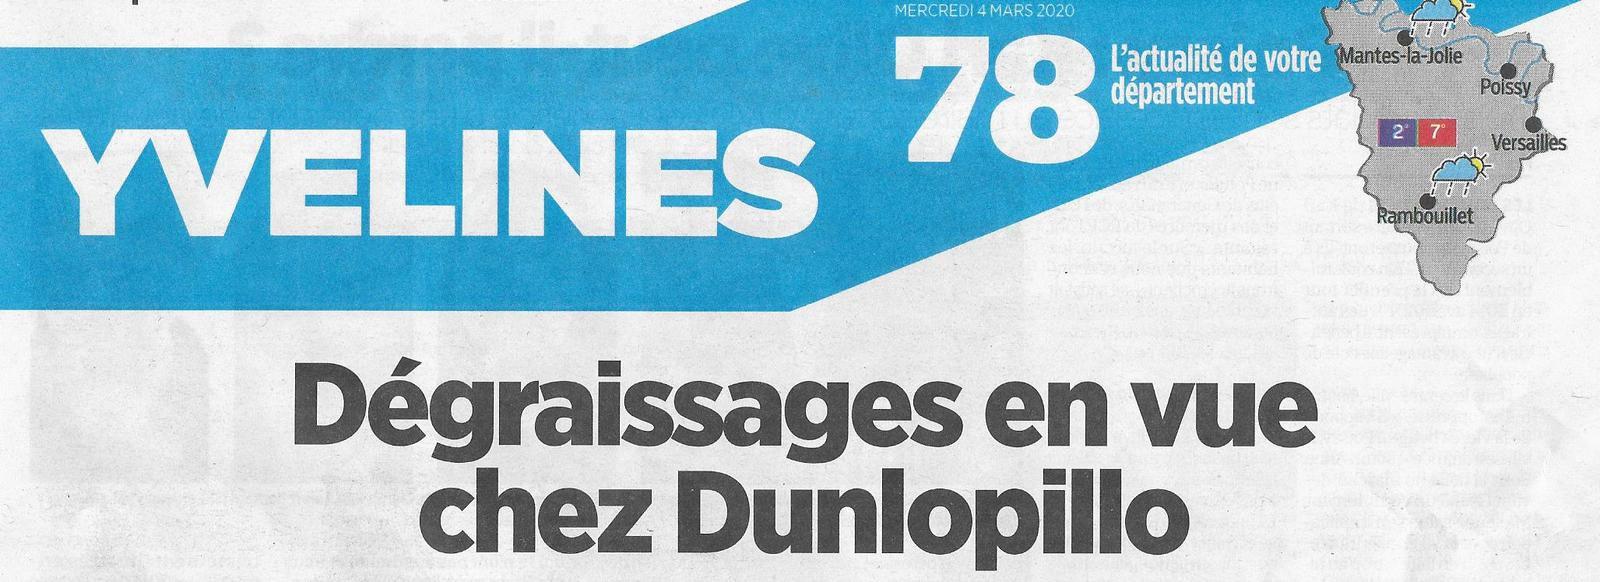 Article du Parisien le 4 mars 2020